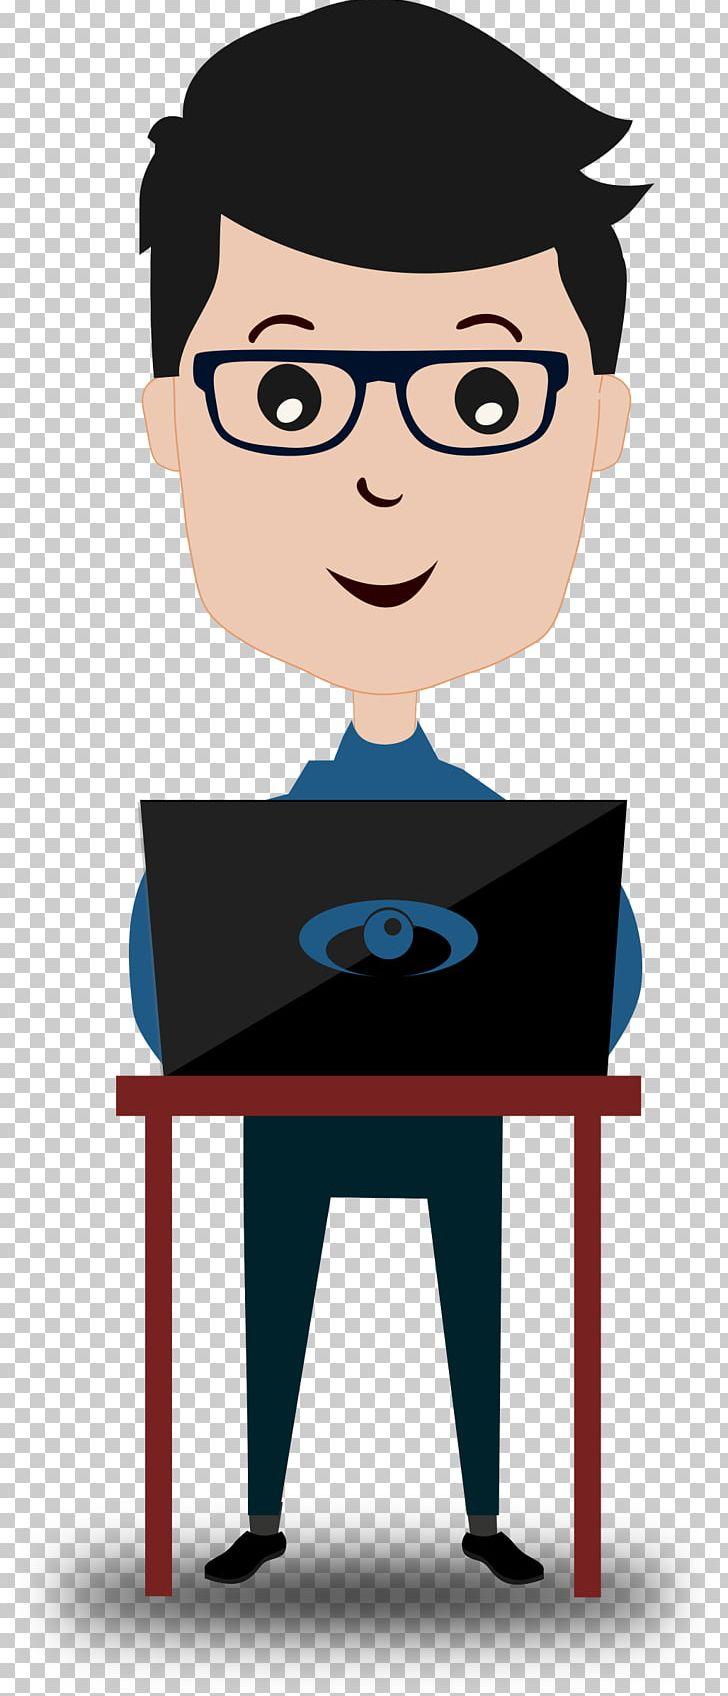 hight resolution of geek code nerd png clipart academician cartoon computer computerfreak download free png download